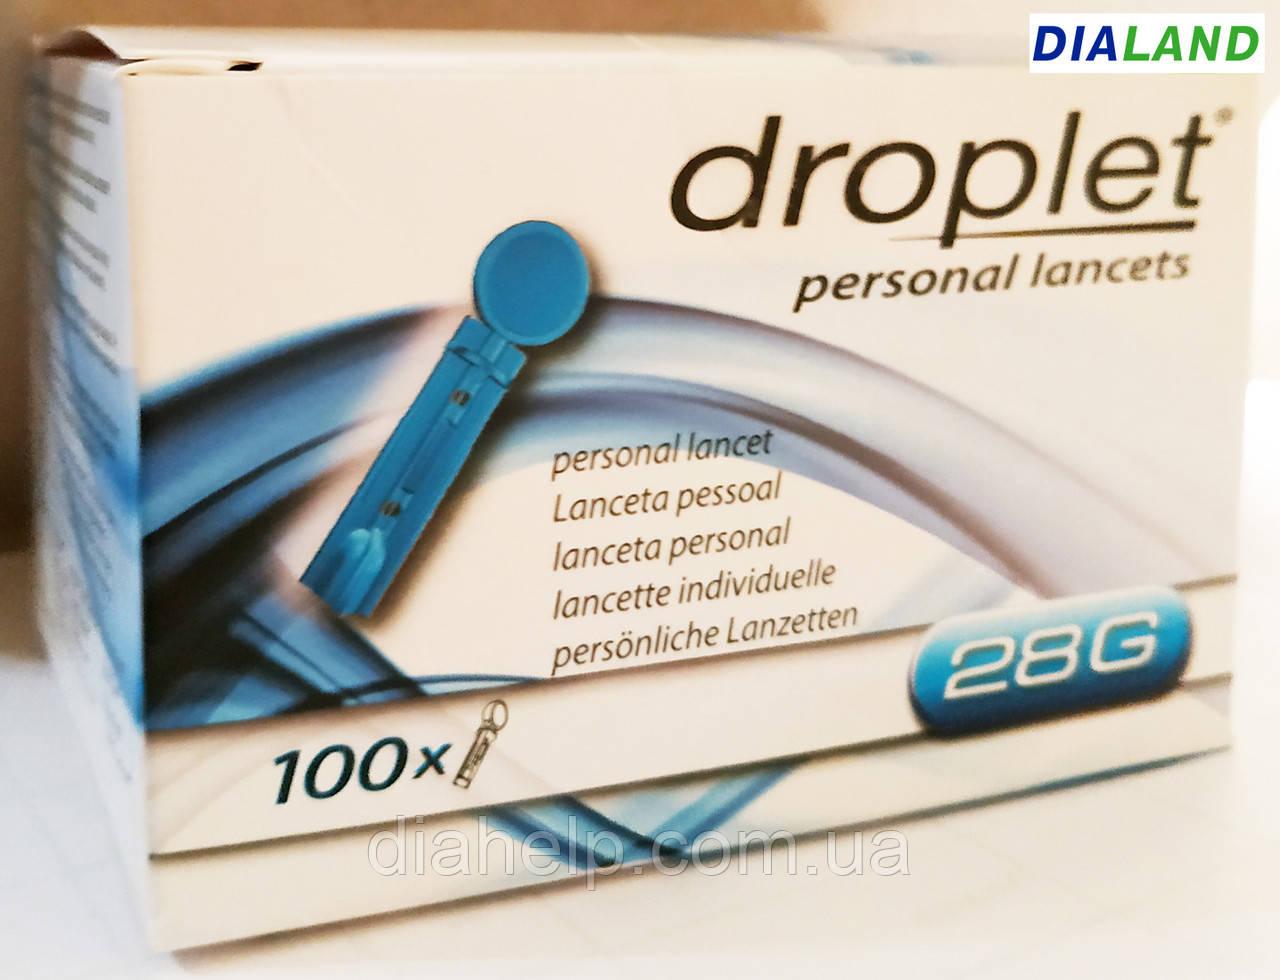 Ланцеты Дроплет (DROPLET) 28G - 100 штук